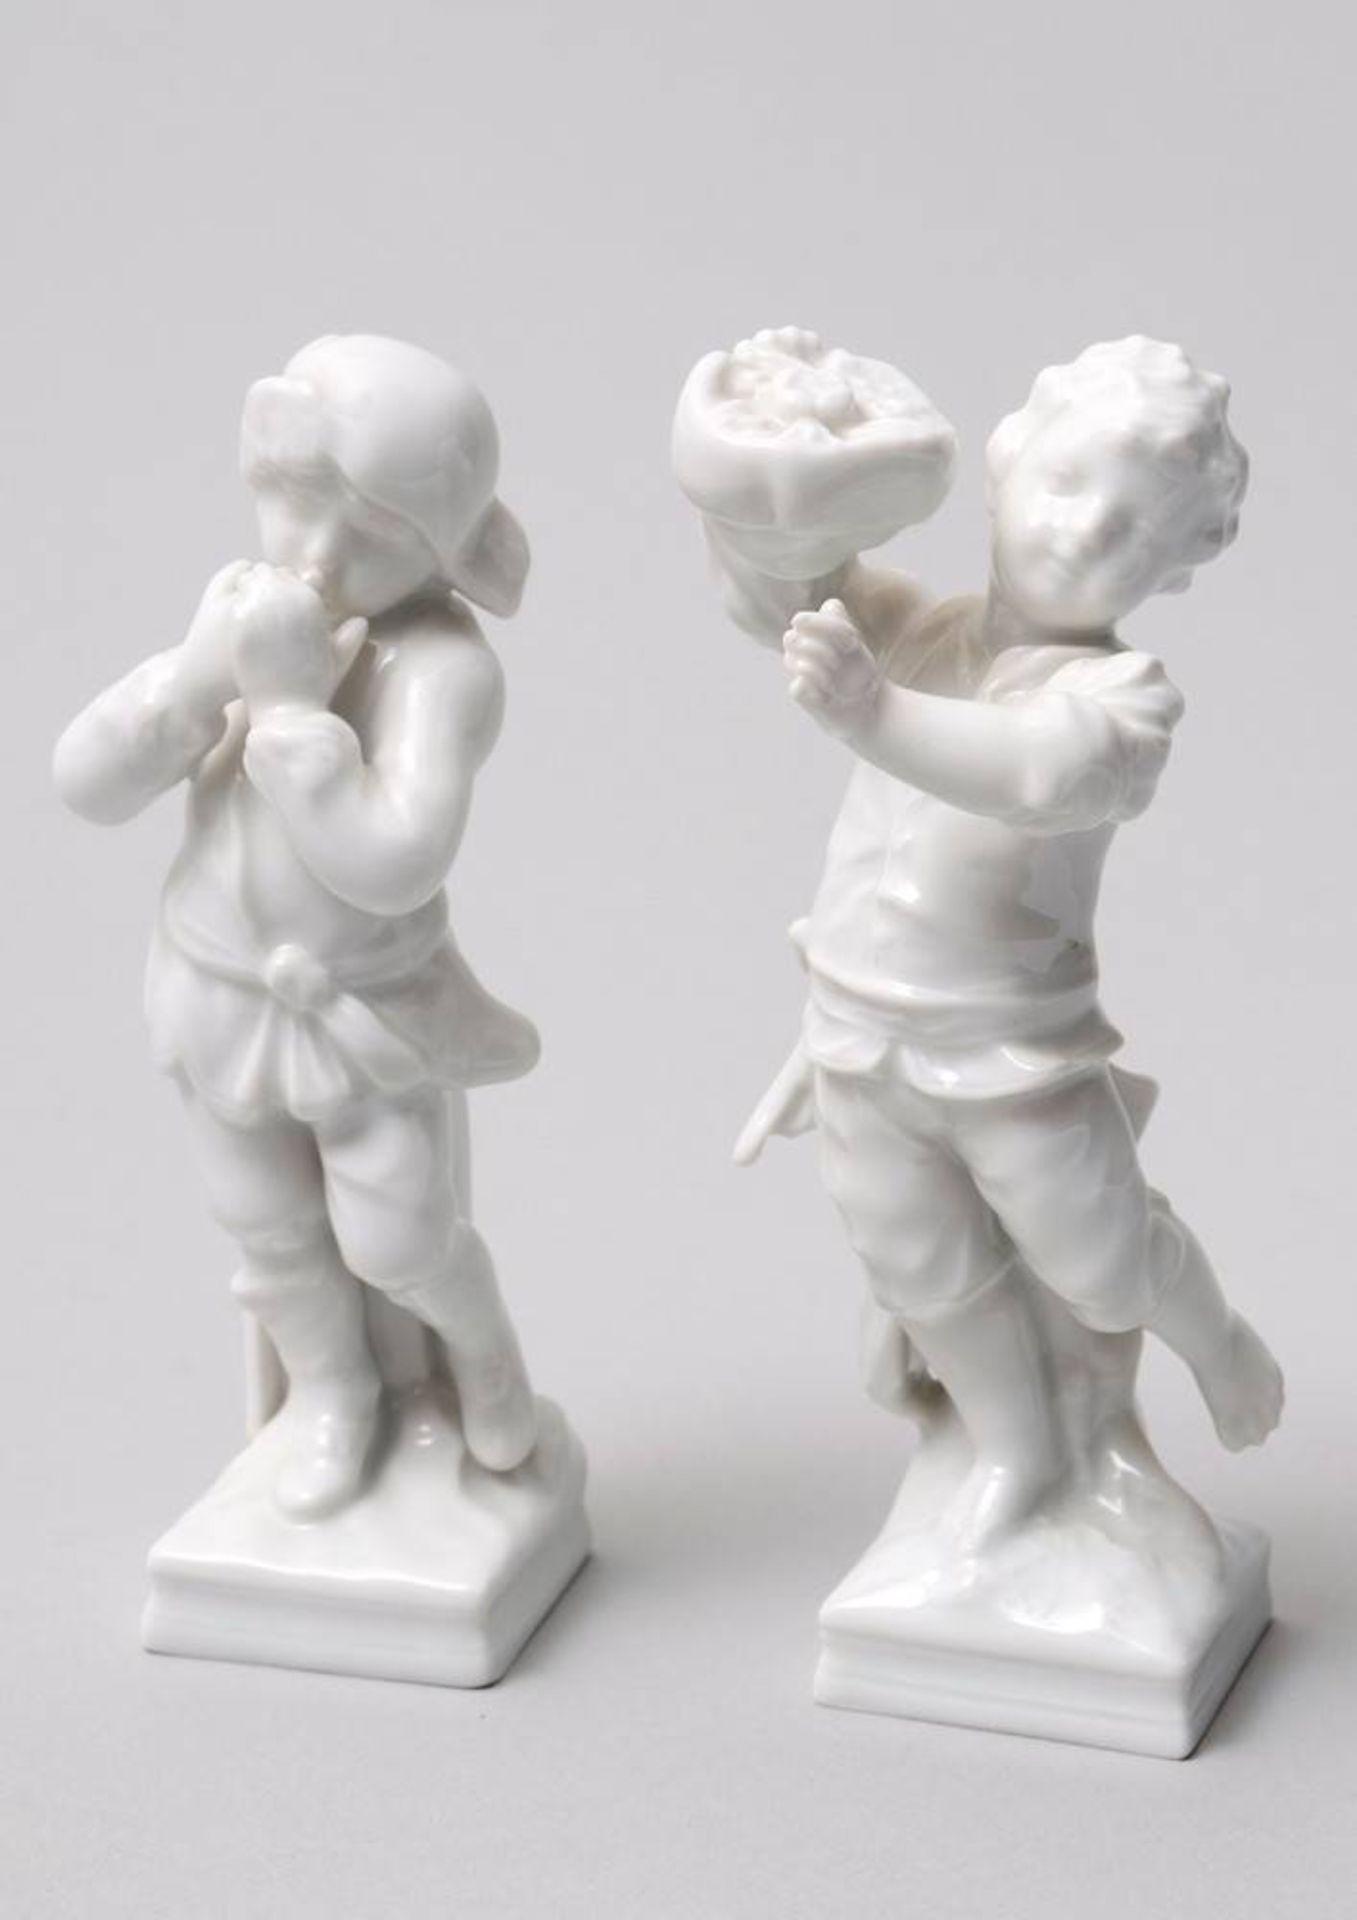 2 Jahreszeitenfiguren, KPM-Berlin, 20. Jhdt.Weißporzellan, Herbst und Winter, im Boden